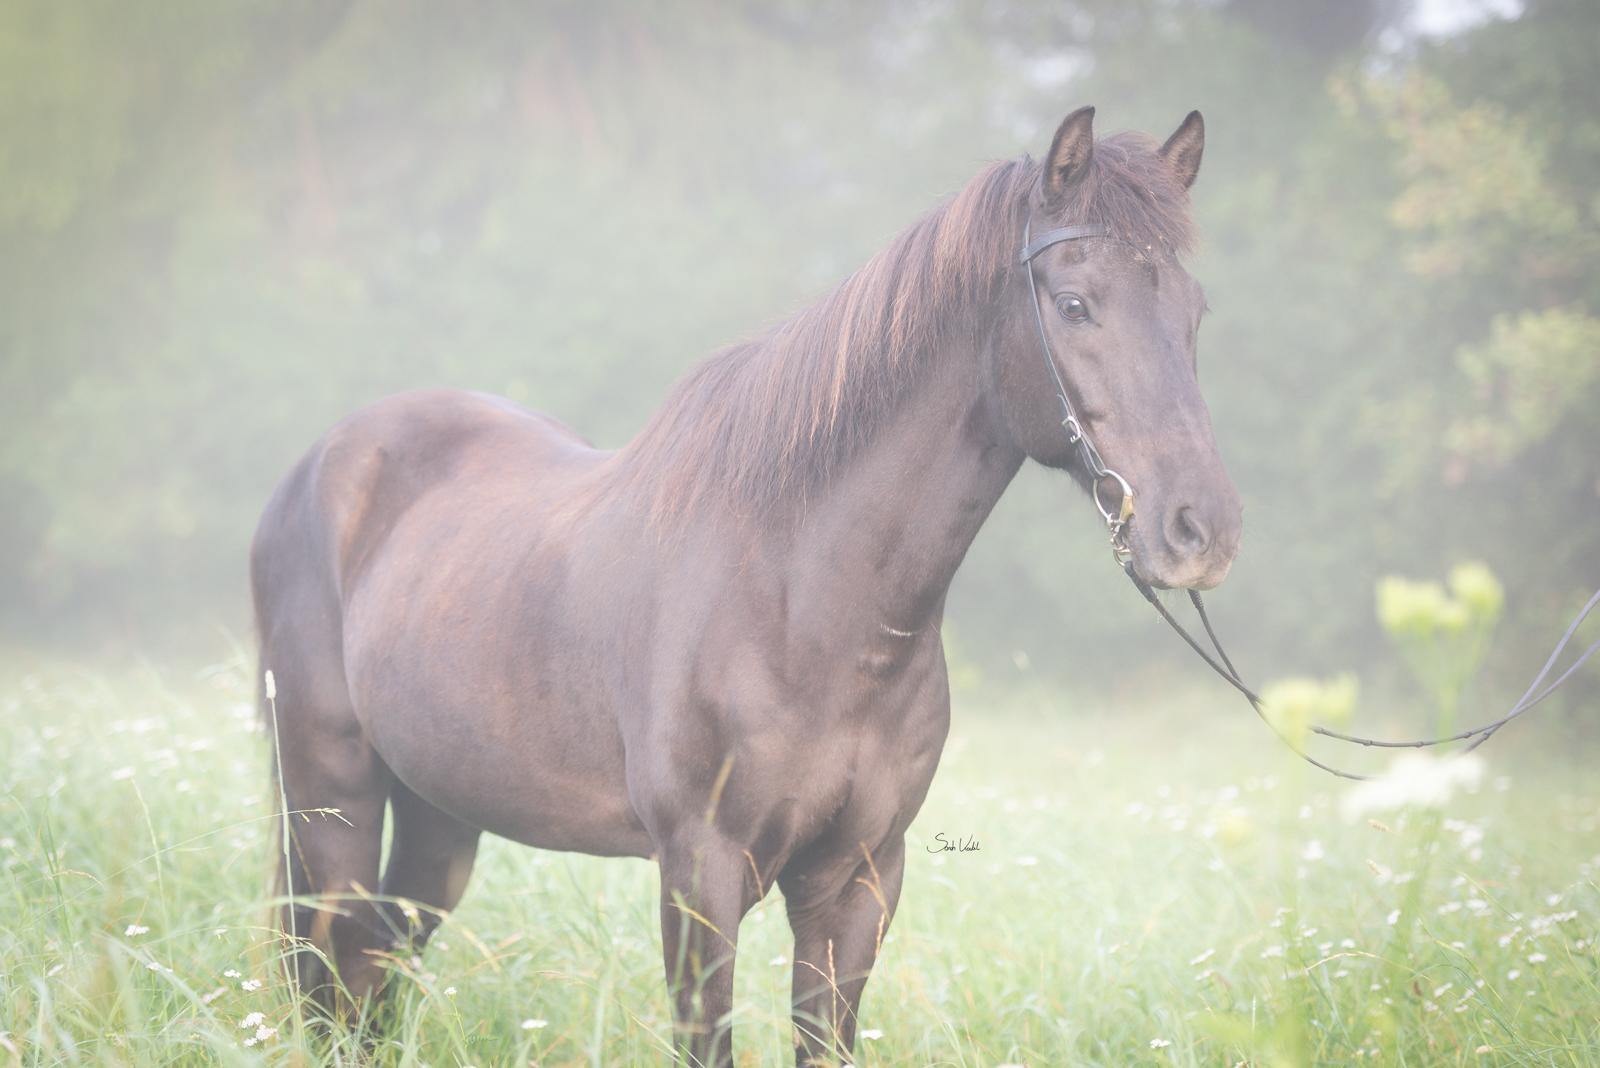 Pferdefotoshooting bei Nebel und Sonnenaufgang mit schwarzem Isländer Thjotandi   Sarah Koutnik Fotografie   Pferdefotografie München Krailling Starnberg Bayern